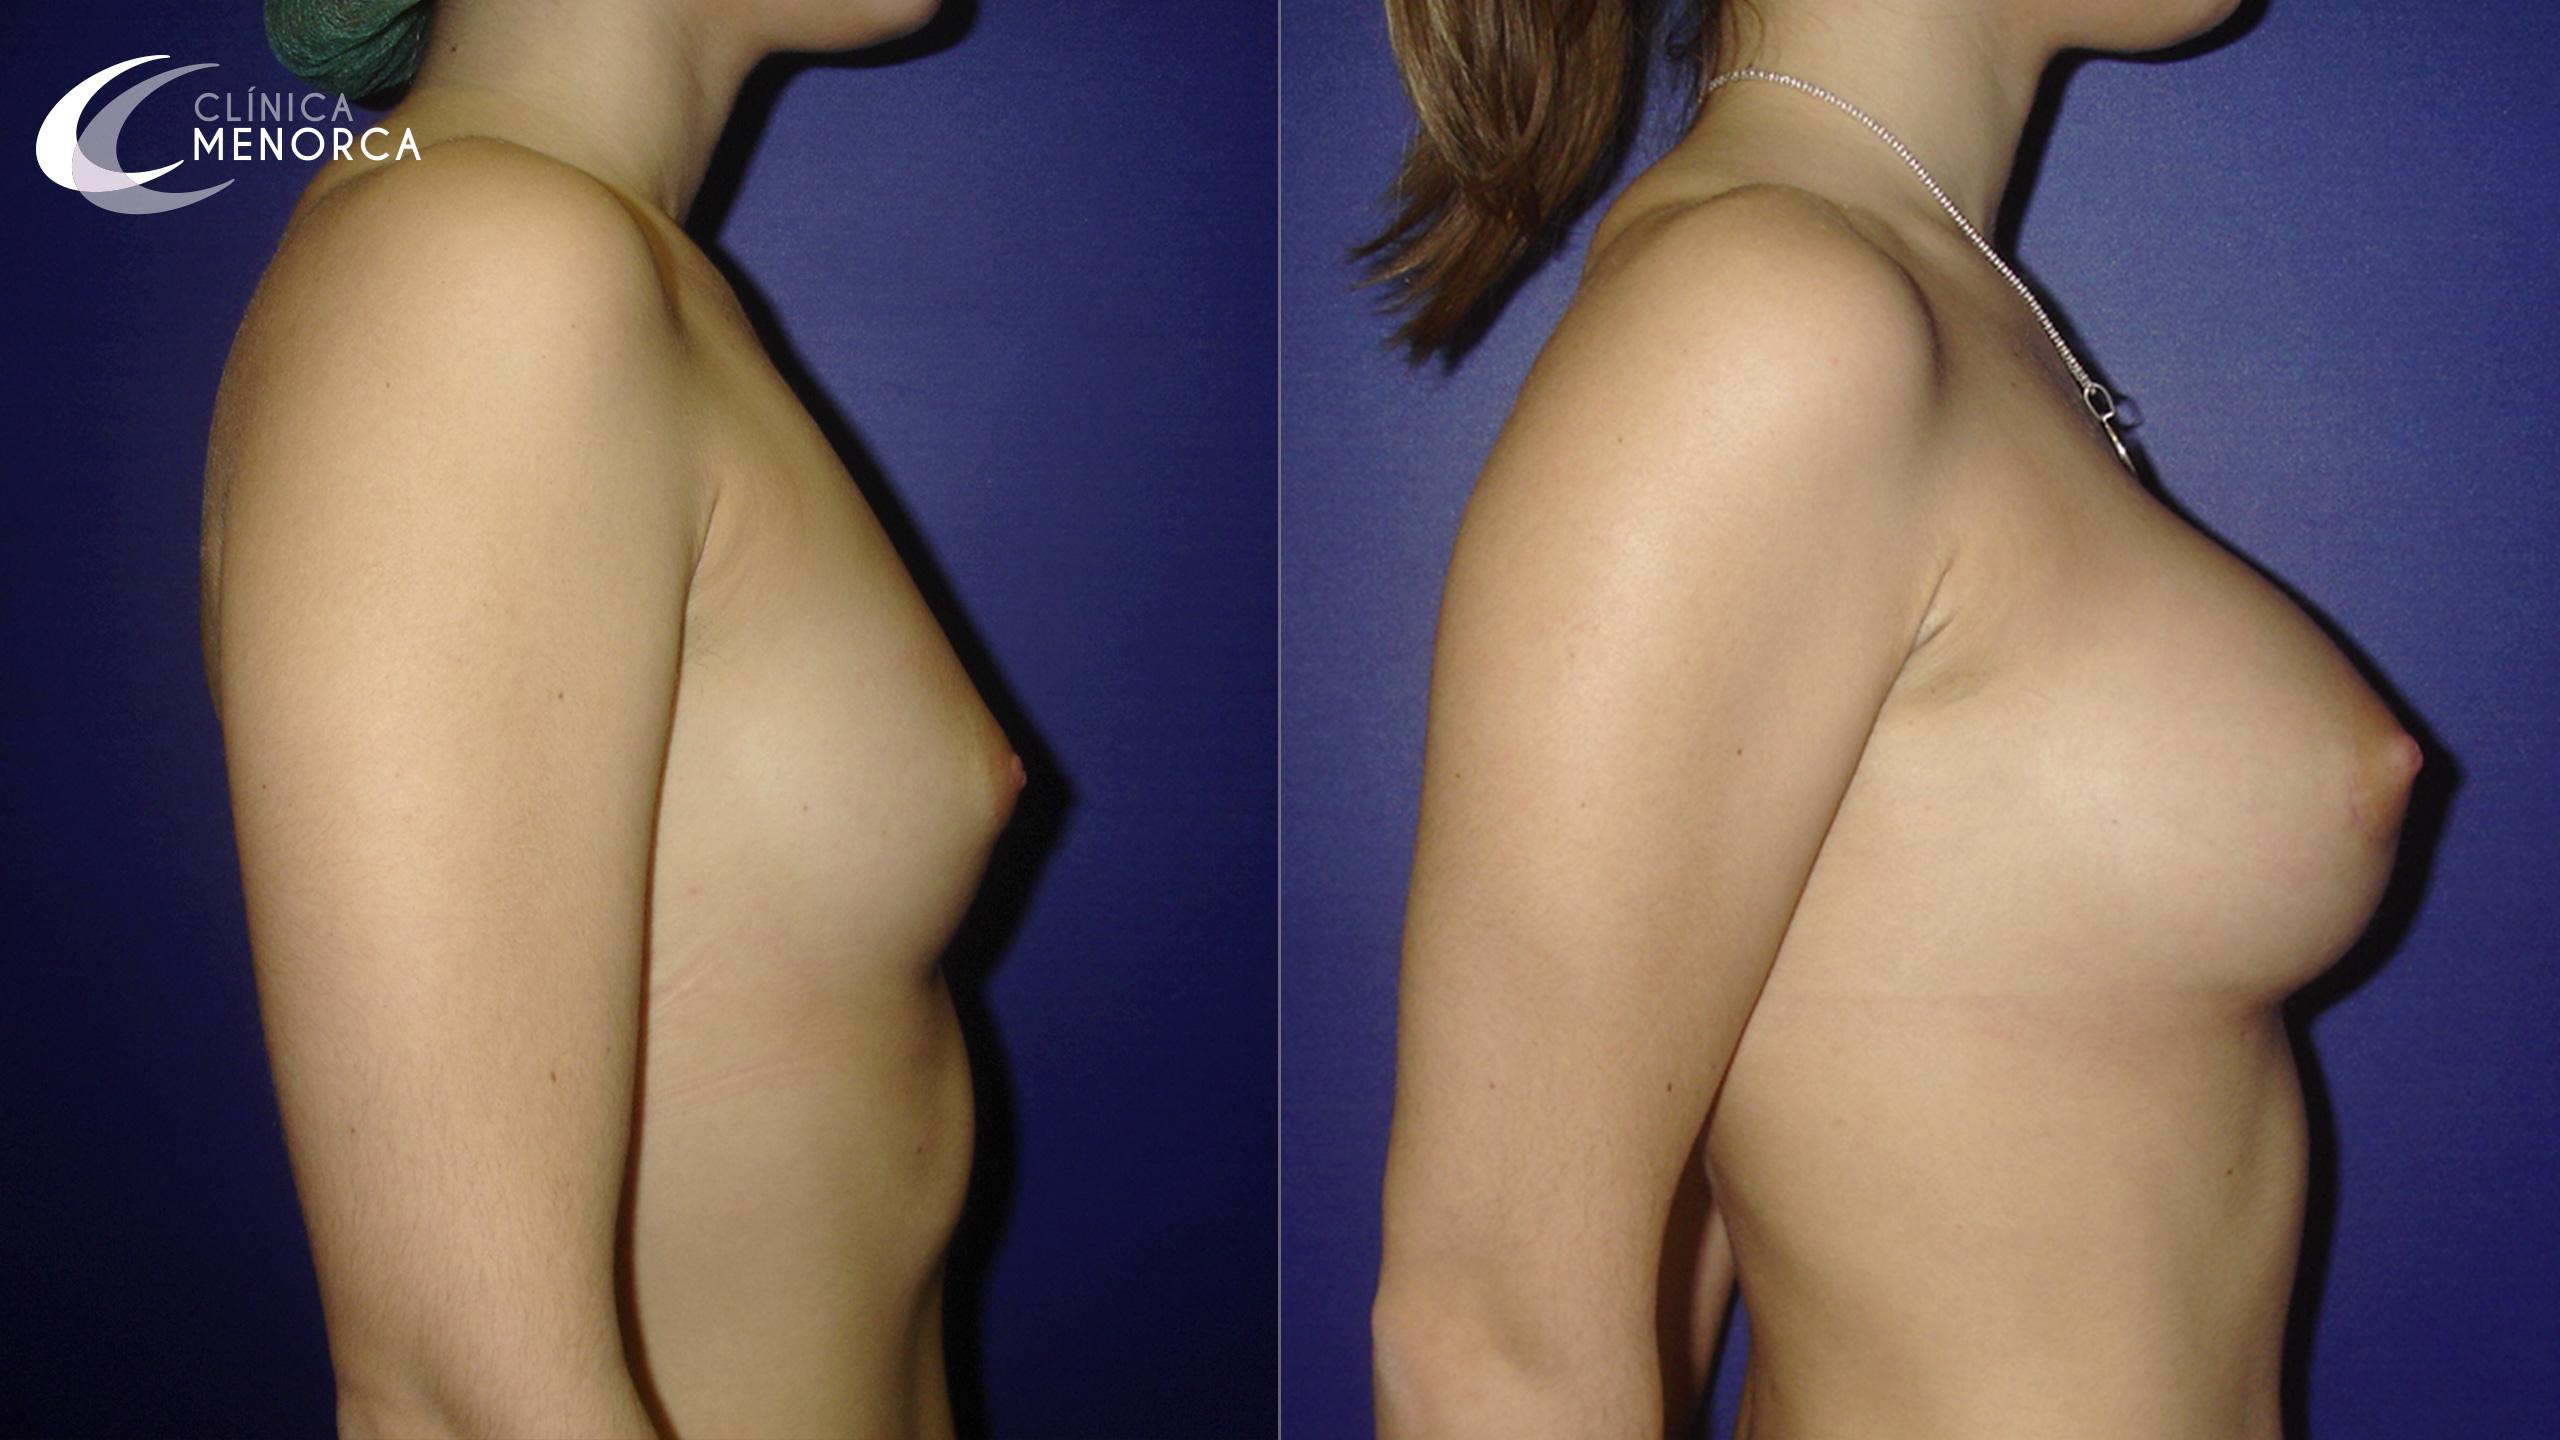 Ejemplo real de aumento de pecho antes y después